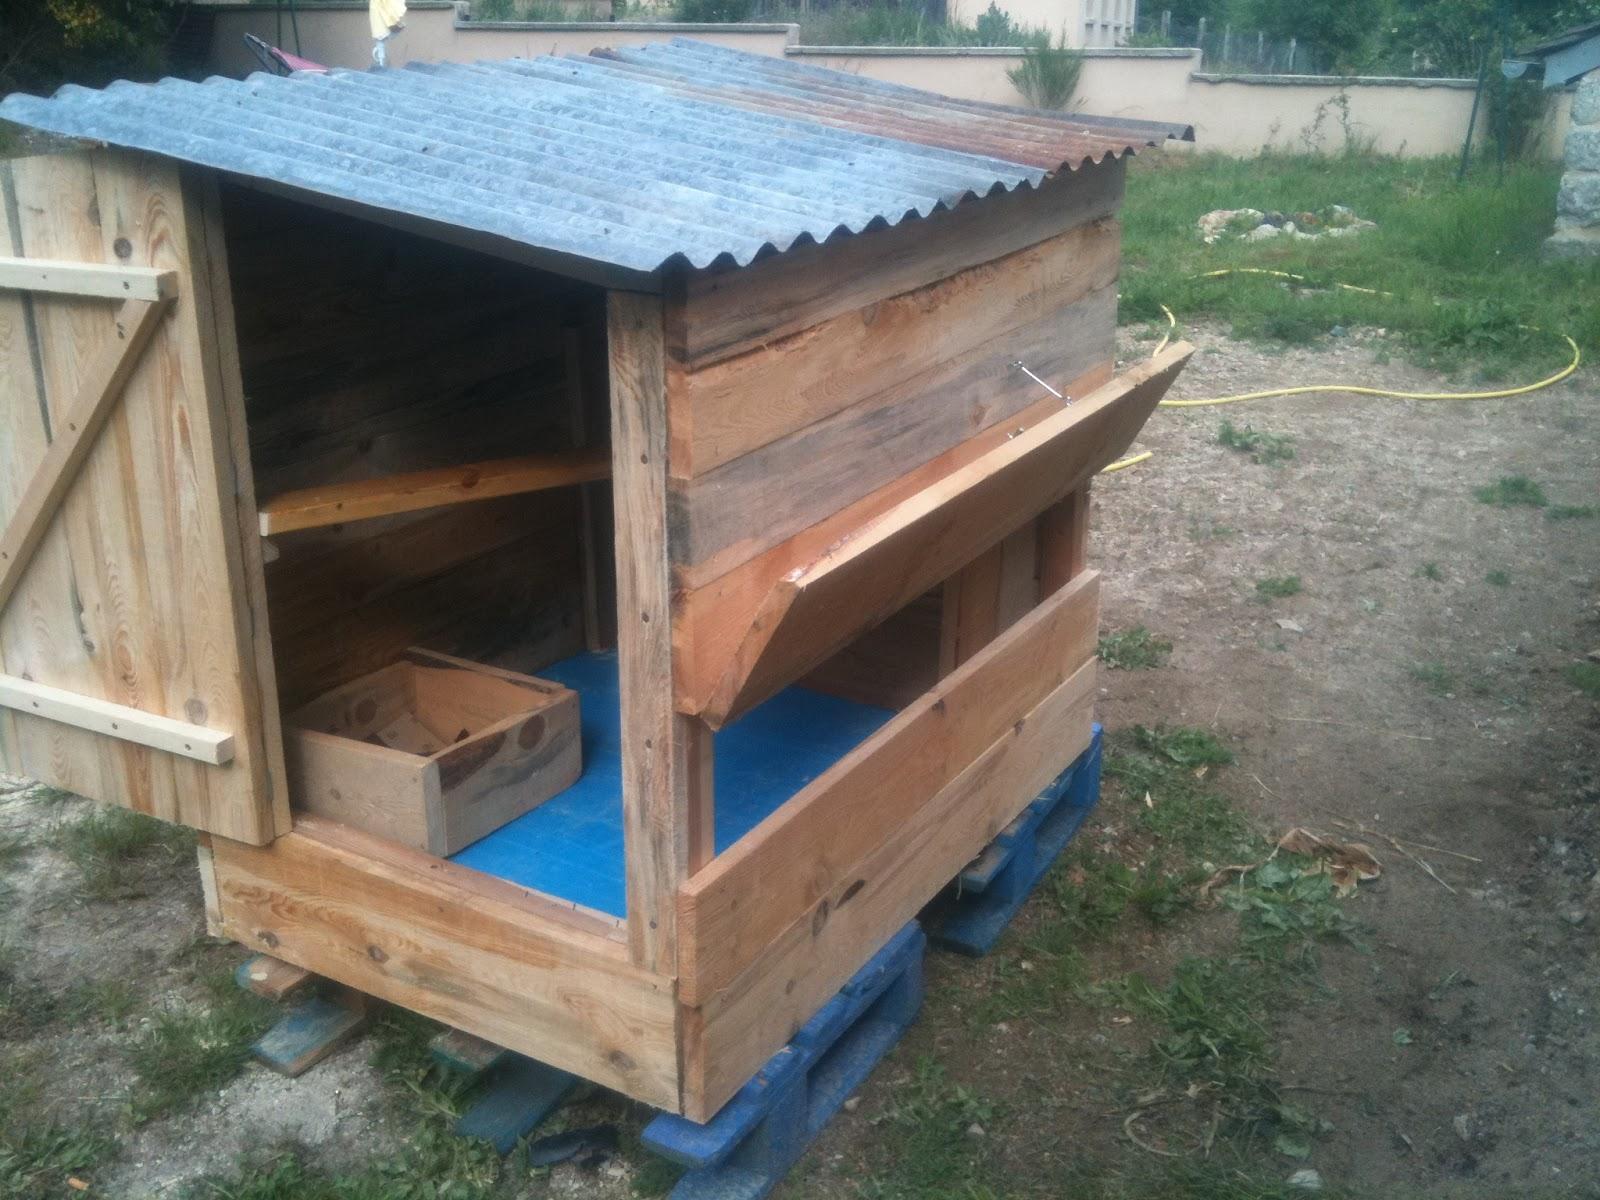 fabriquer une cabane pour les poules. Black Bedroom Furniture Sets. Home Design Ideas